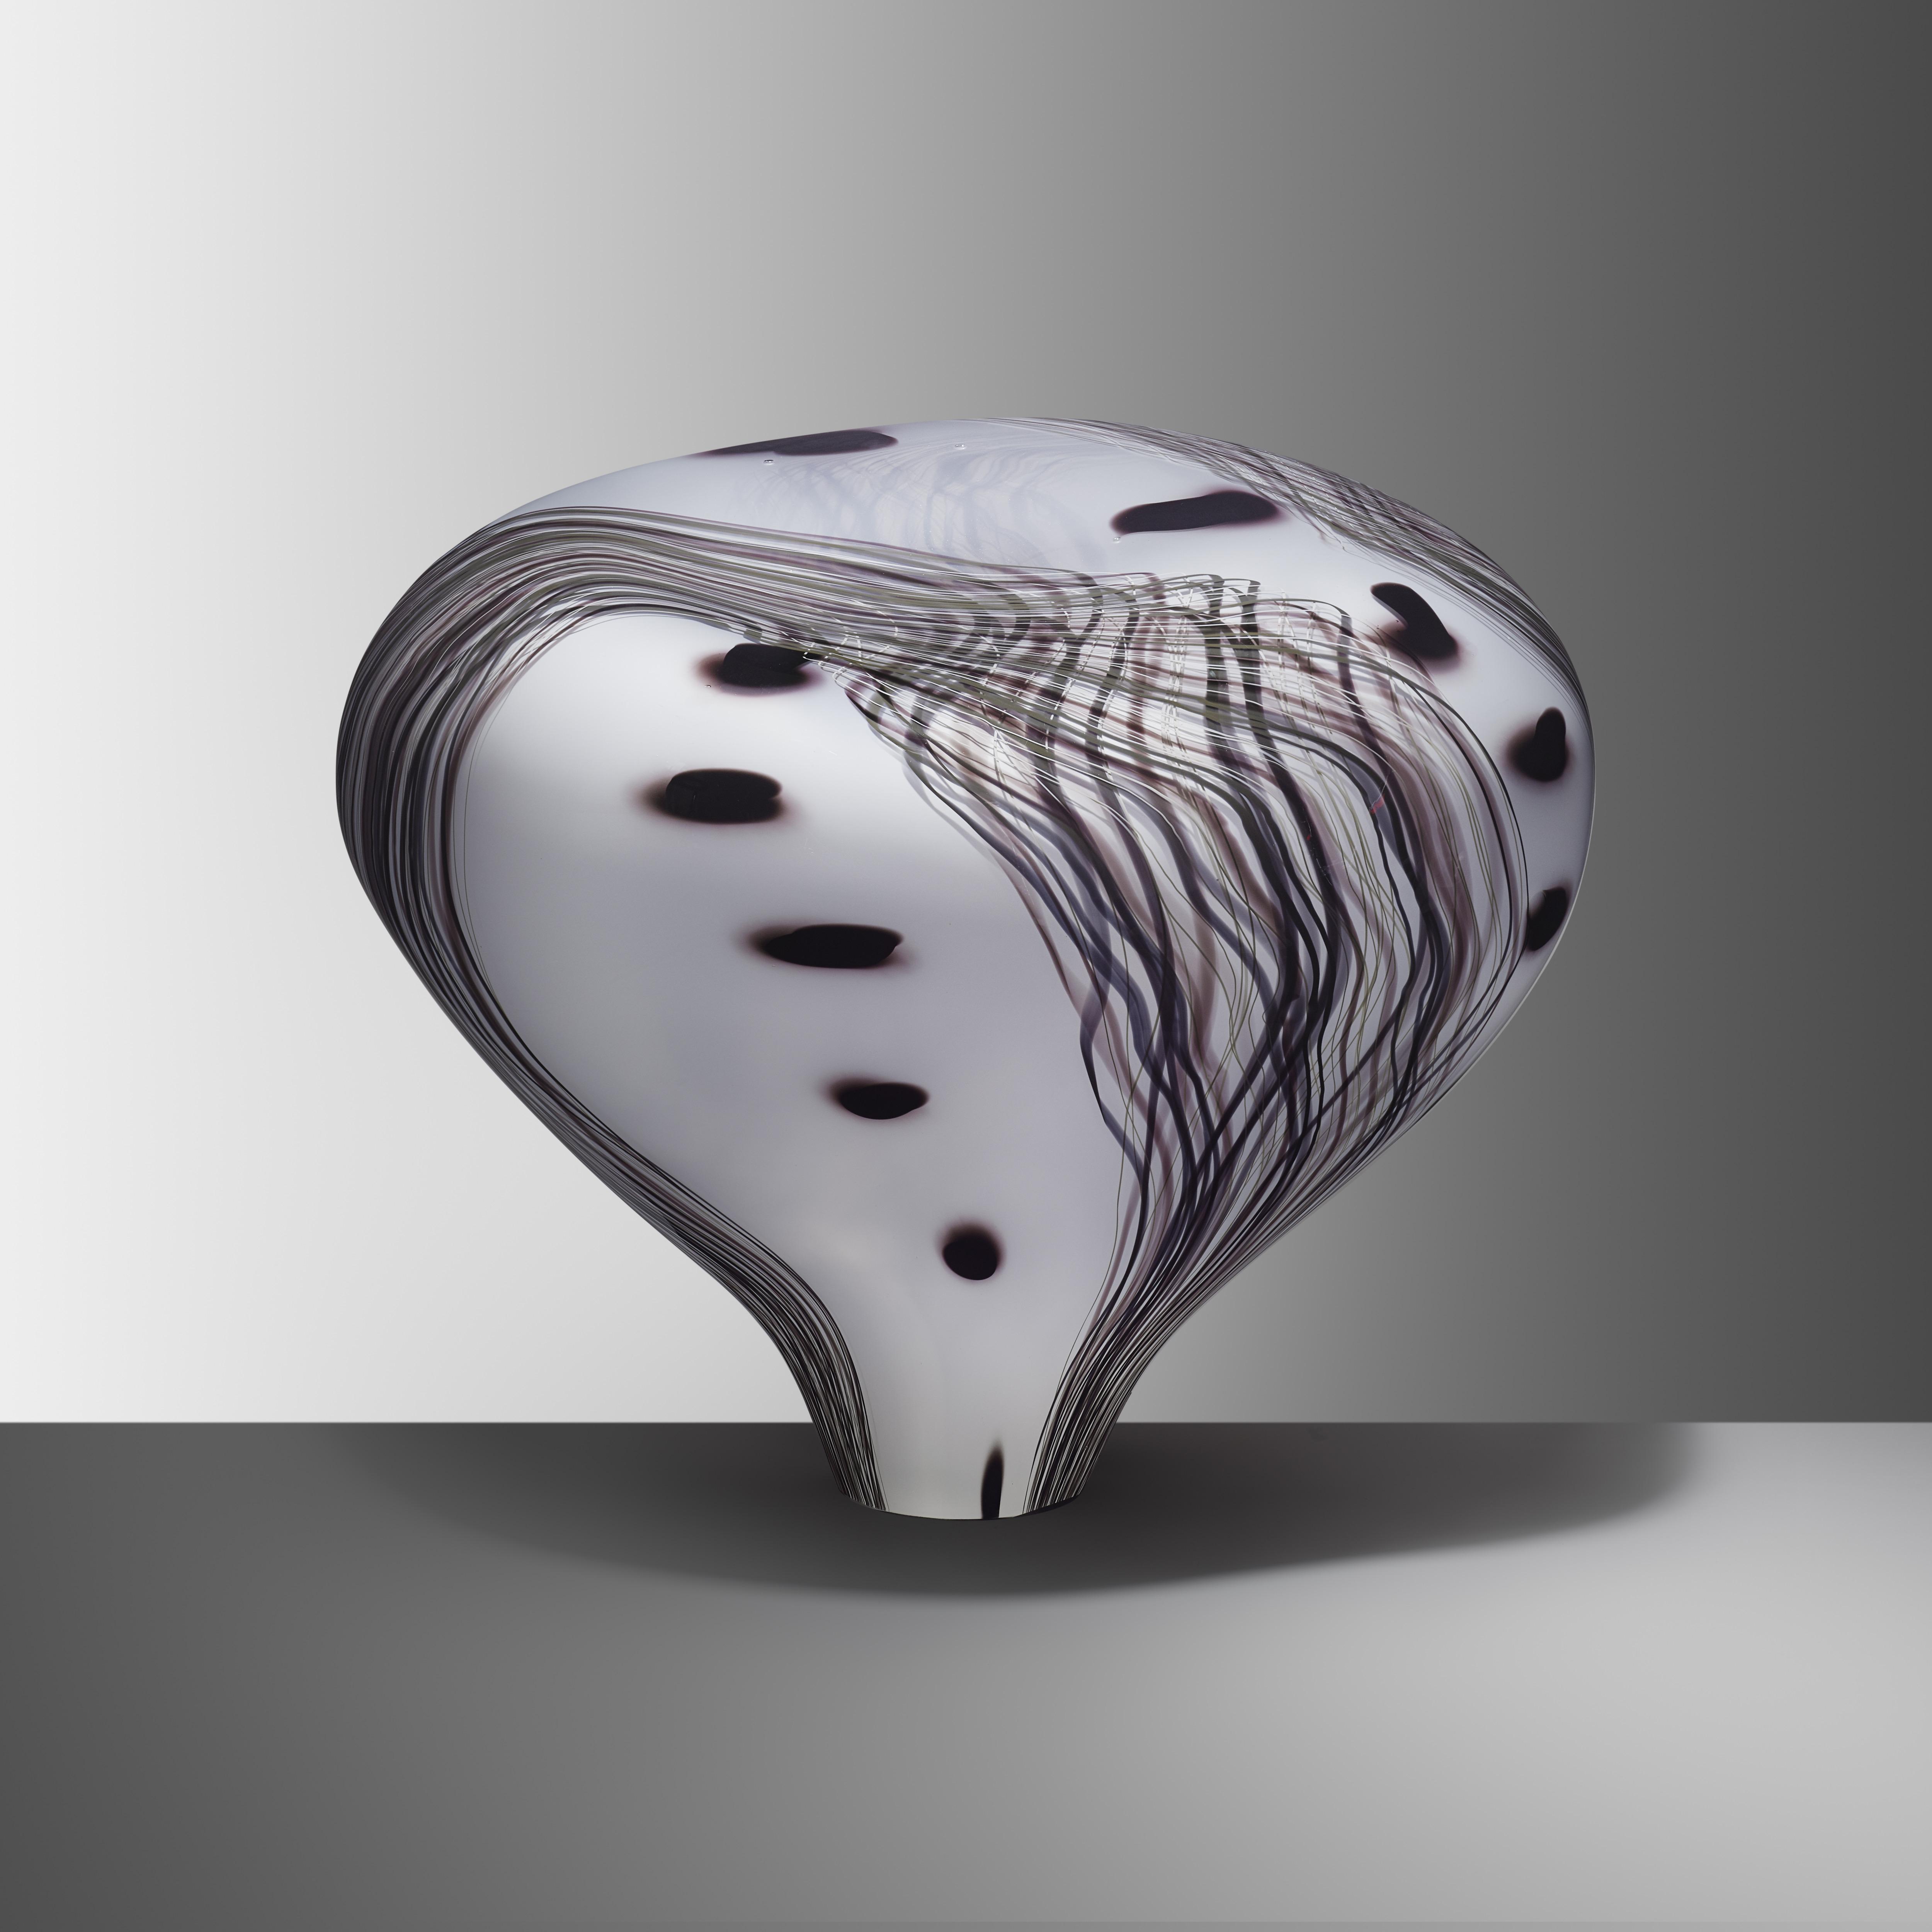 Stone XXIV, 2019, Blown glass, H:35 W:41 D:33 cm